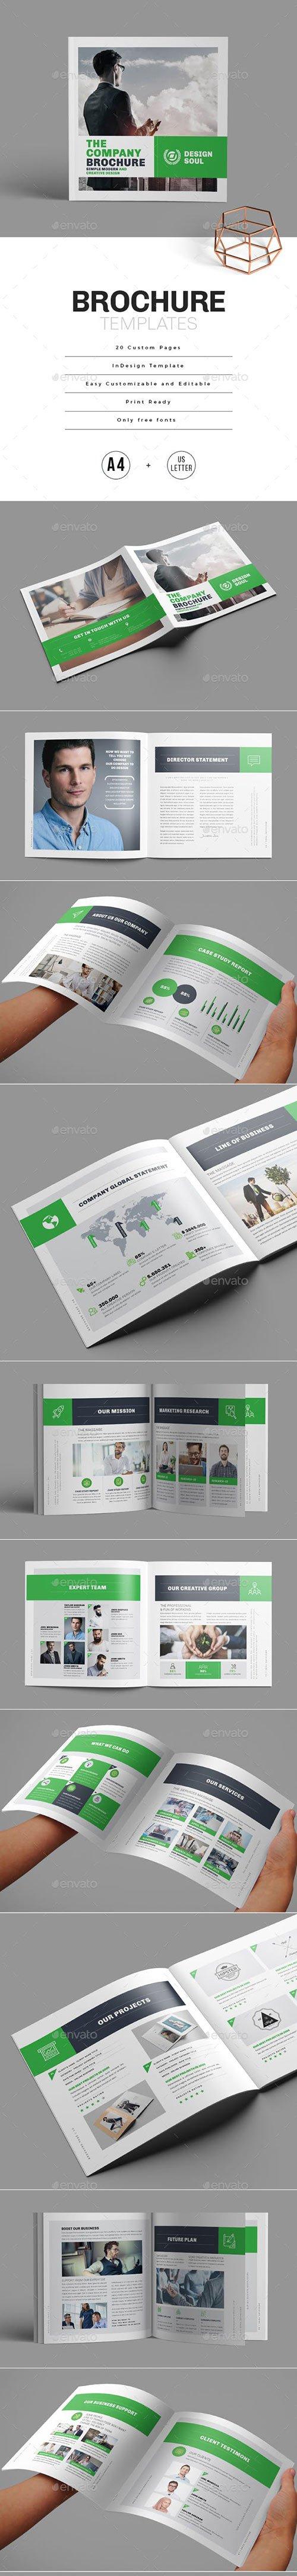 Graphicriver - Square Brochure 23039955